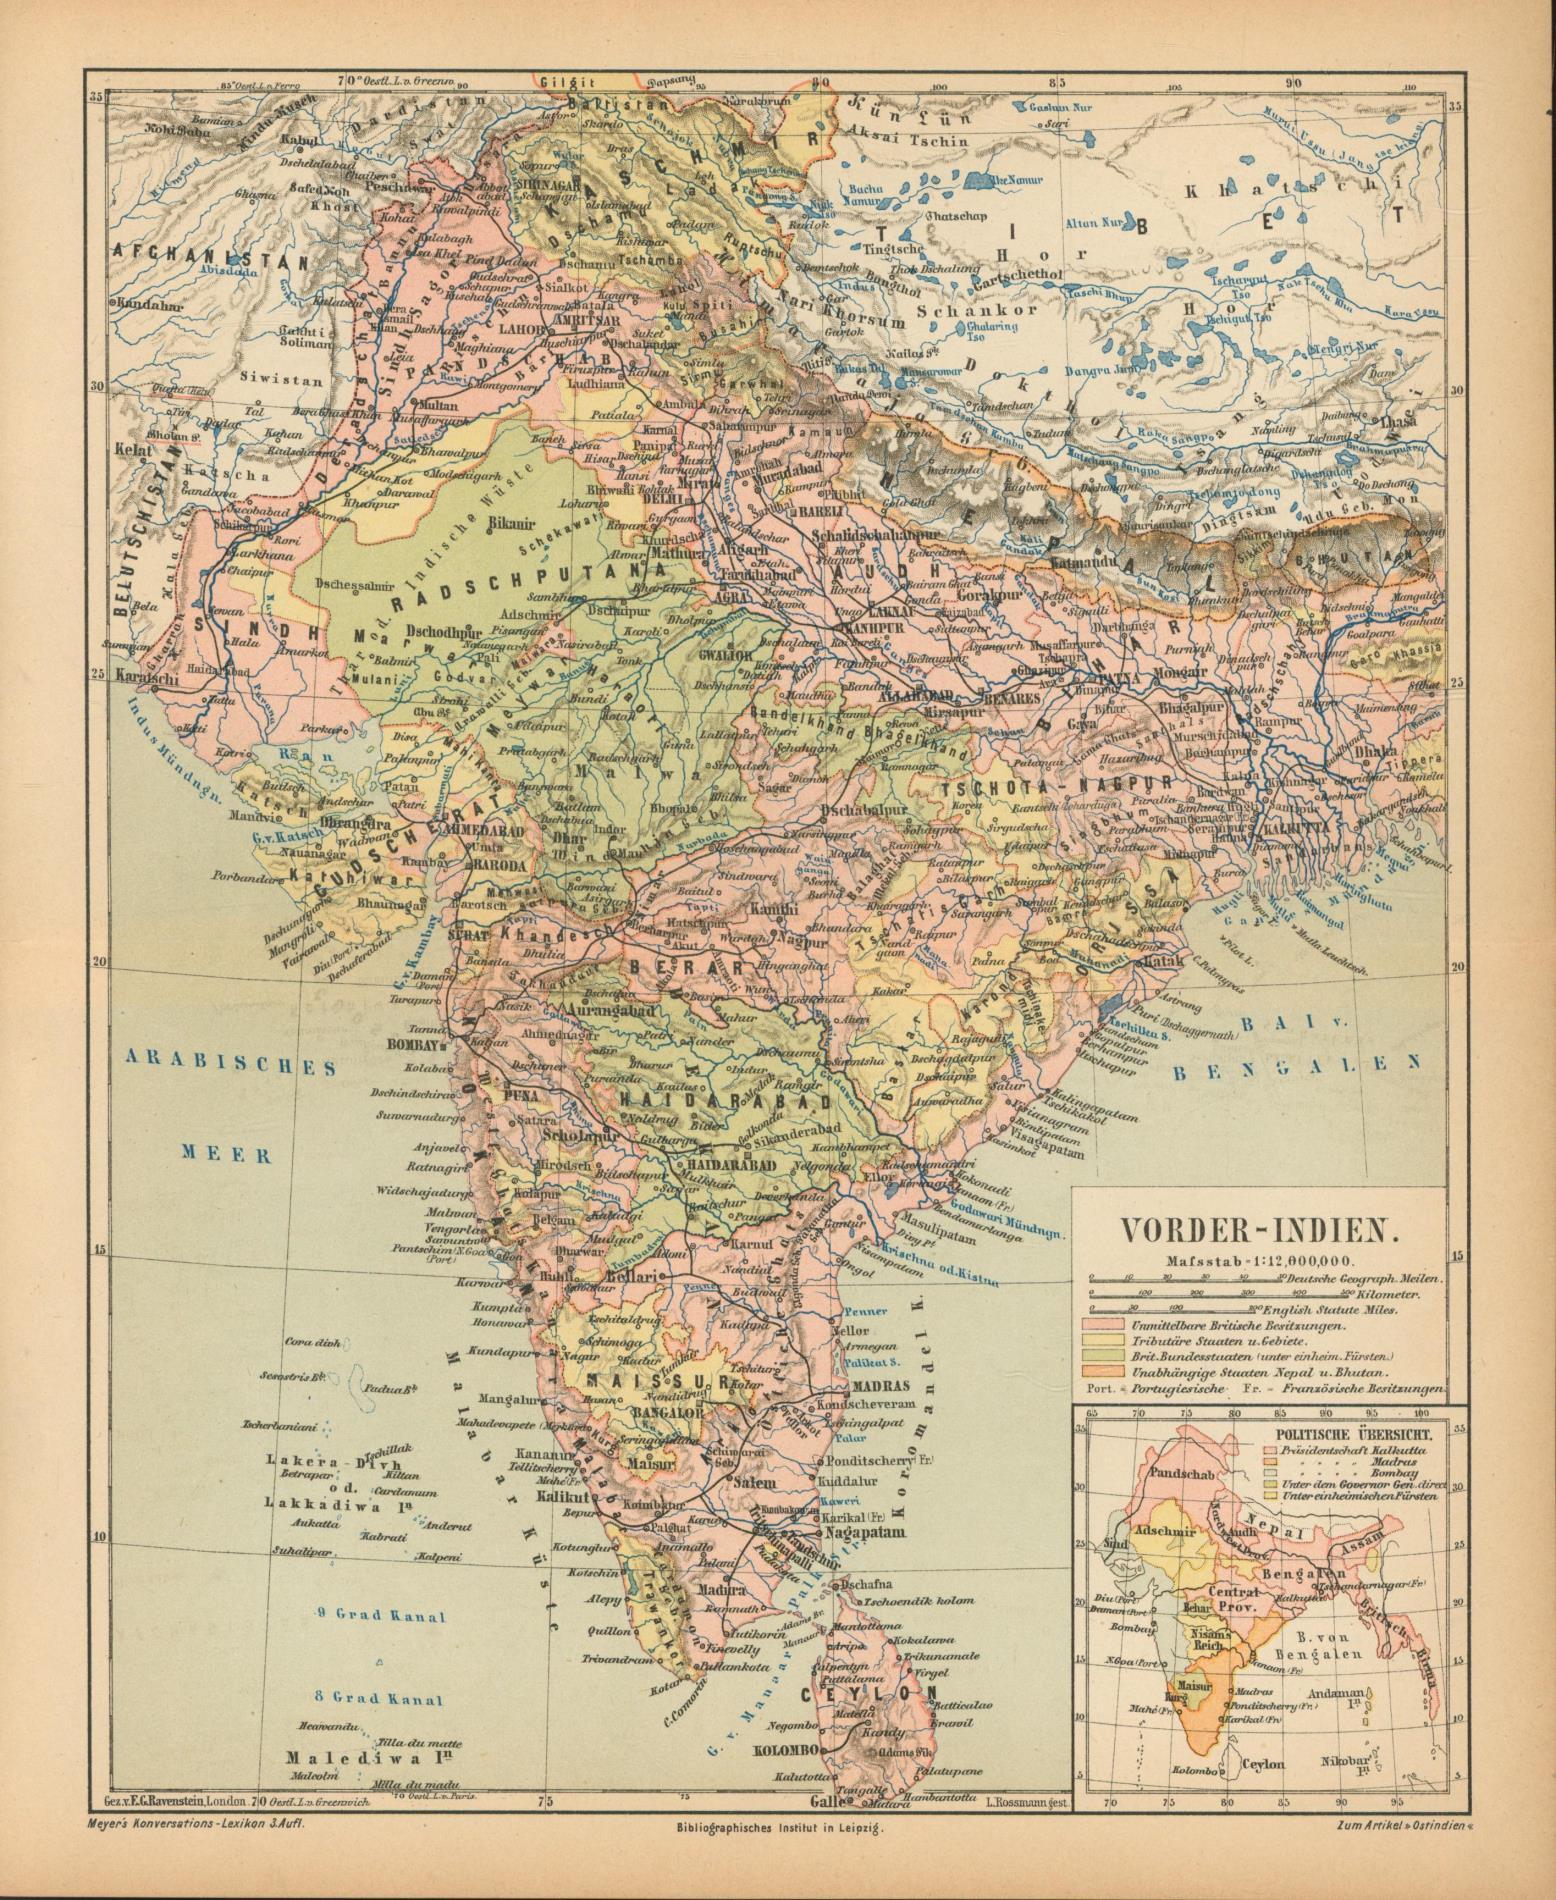 Vorder-Indien von 1874,Maßstab 1:12.000.000: Historische Landkarte KEIN